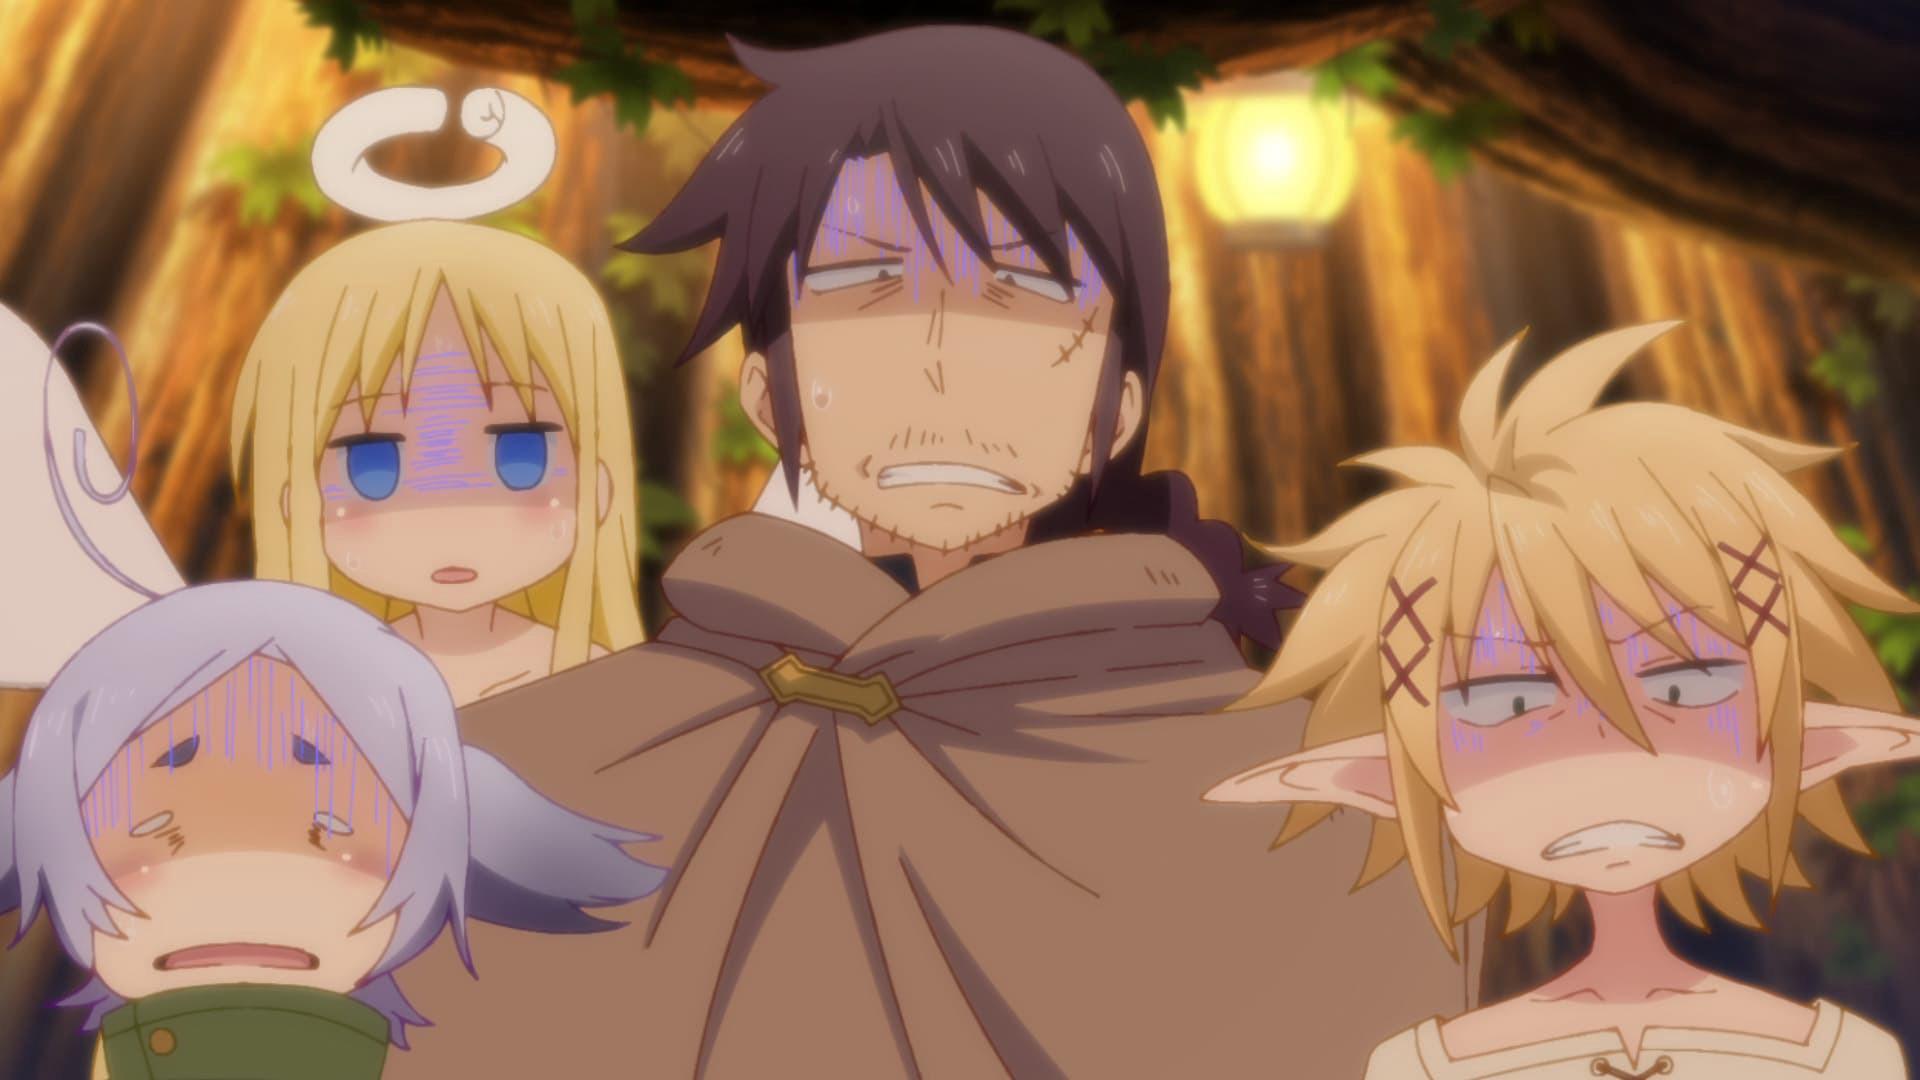 El anime Ishuzoku Reviewers de nuevo en problemas